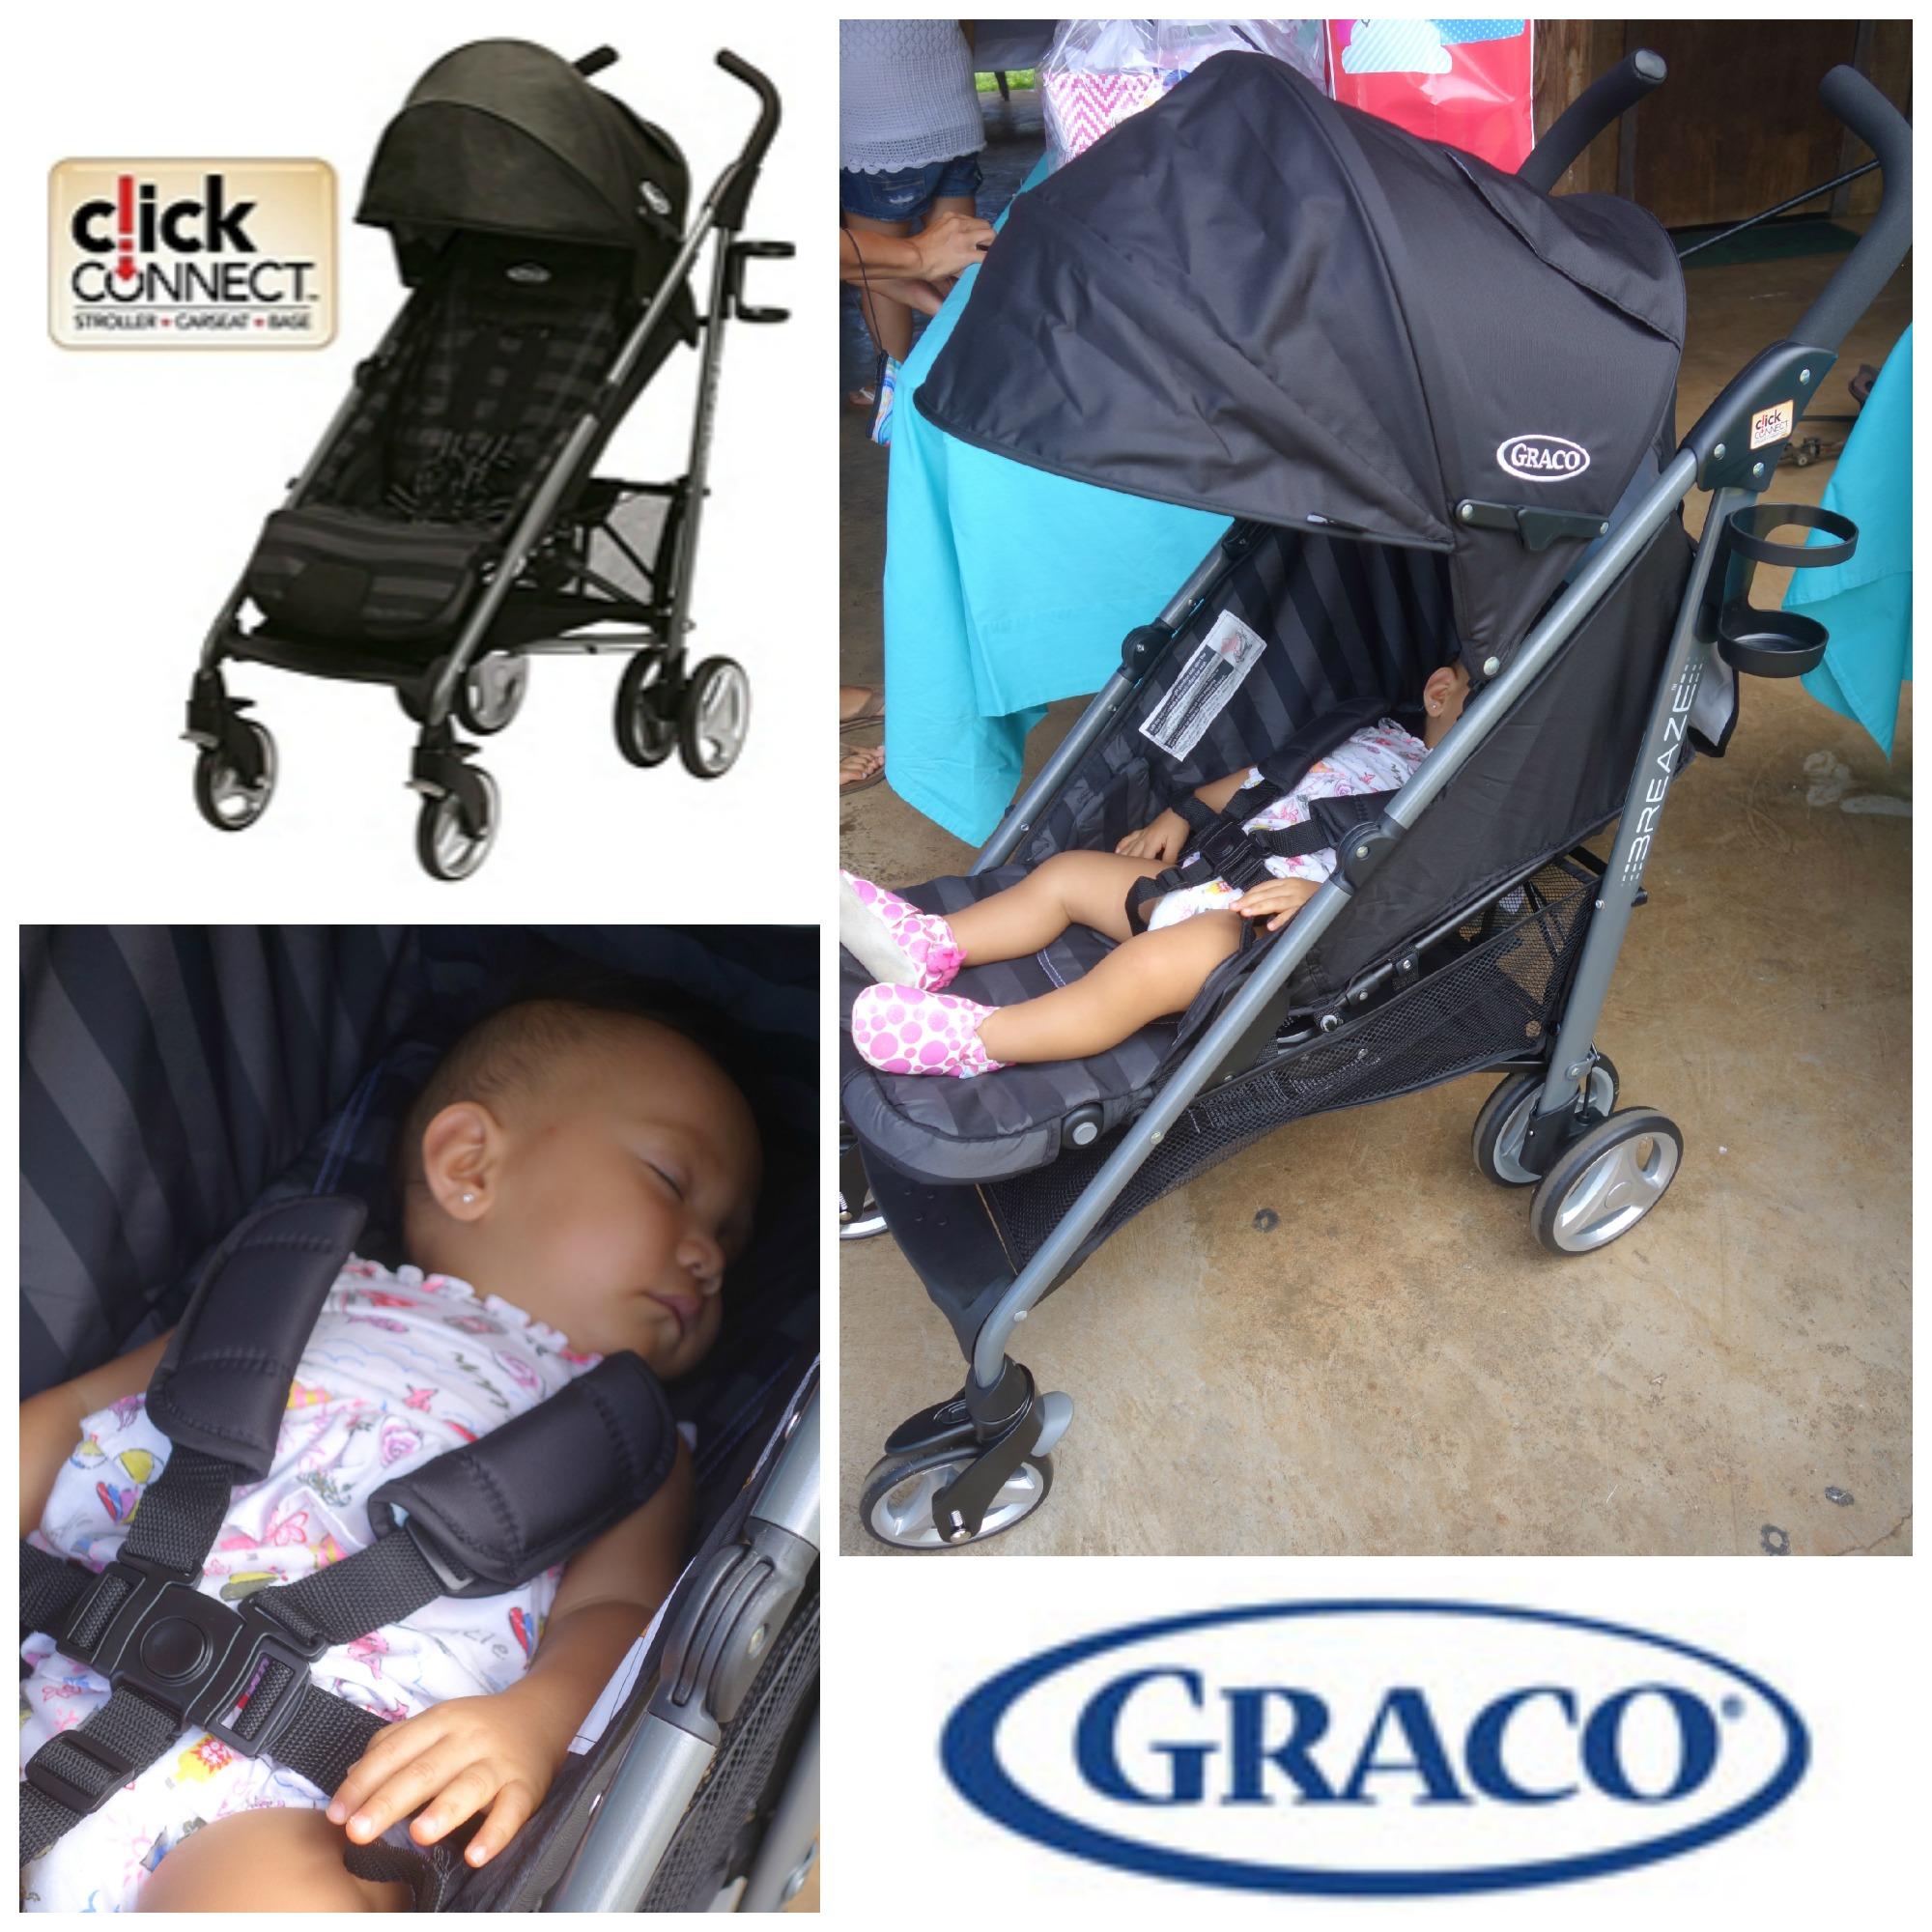 Graco Breaze Stroller The Breaze Connect